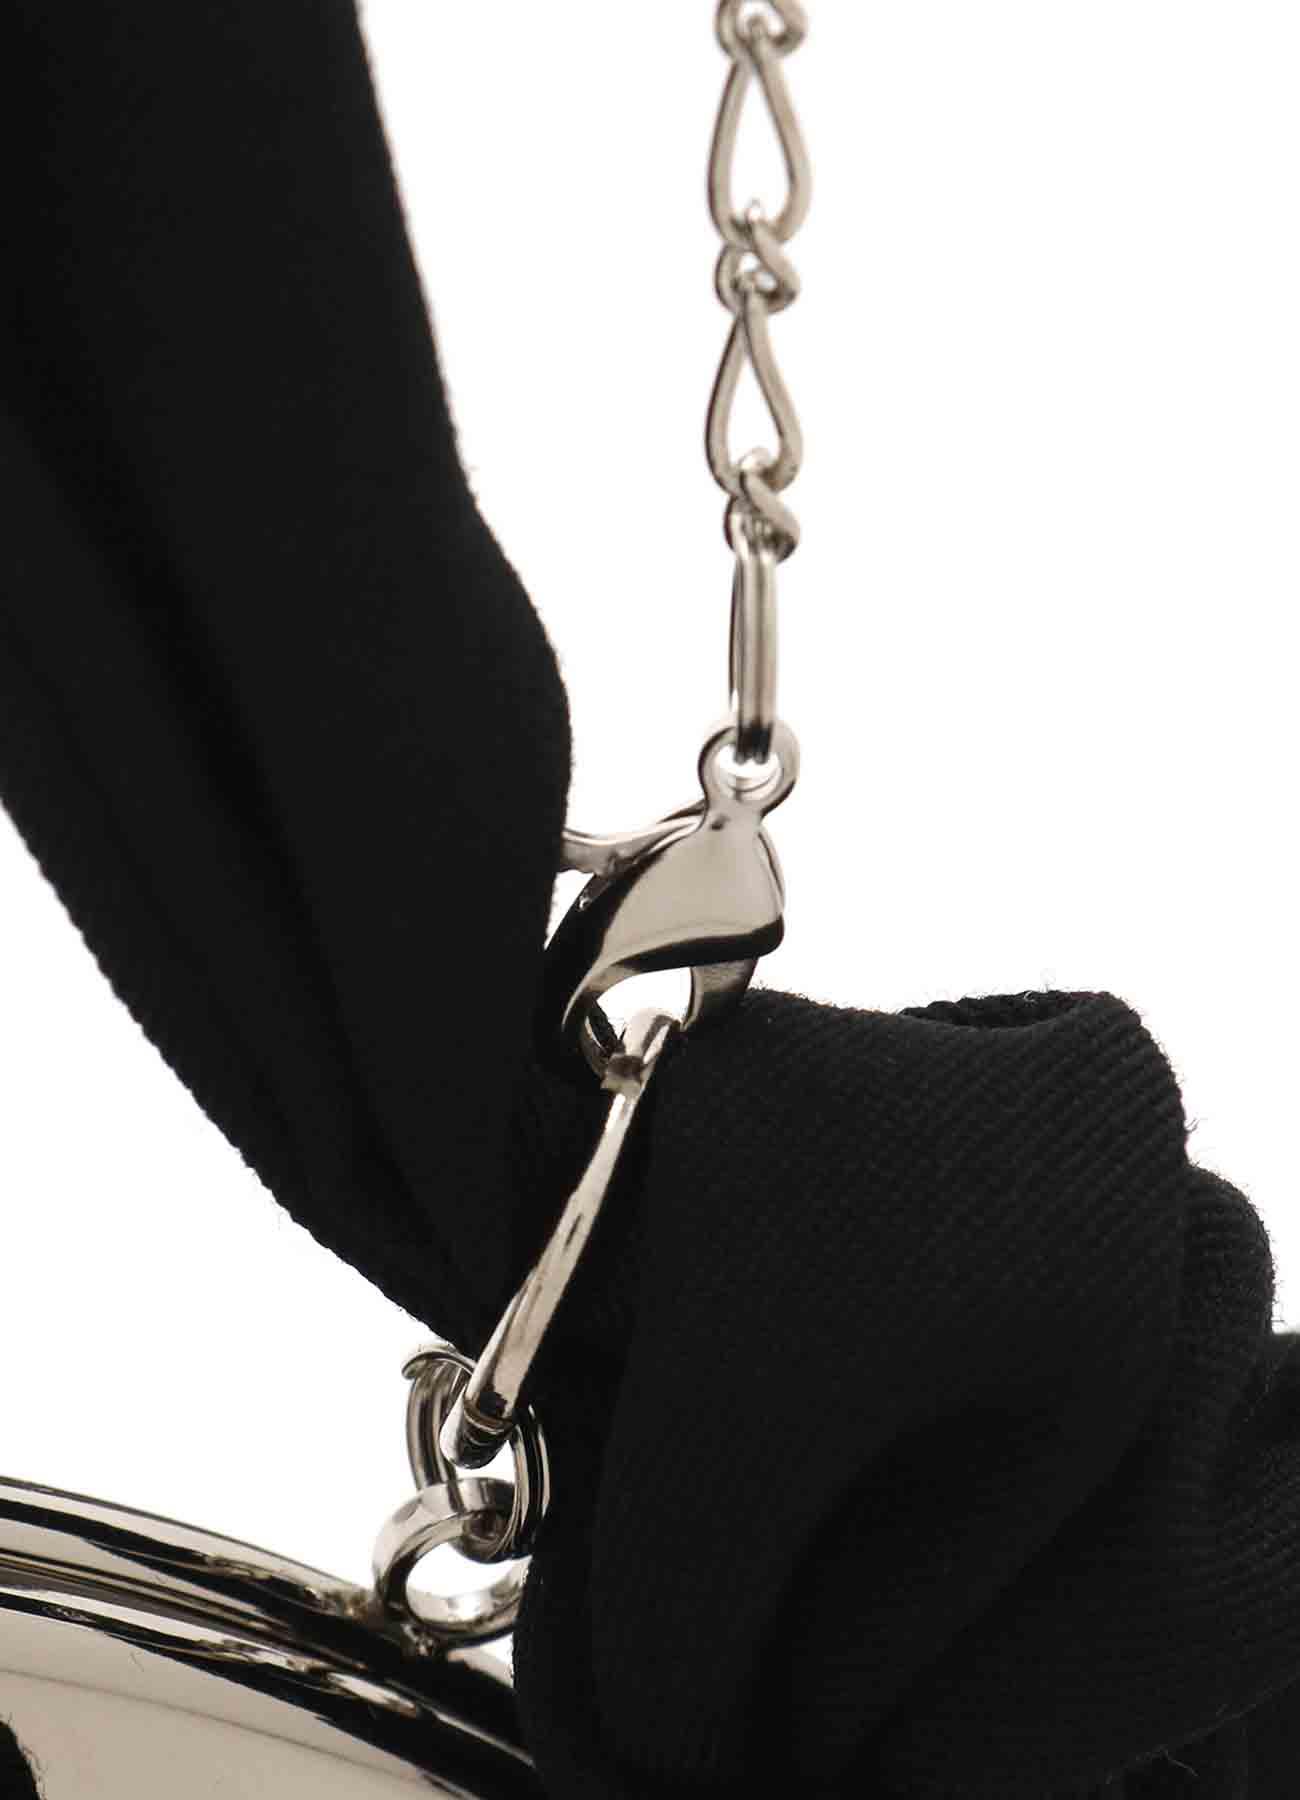 GABARDINE COMBI CLASP GATHER ACCESSORY CASE